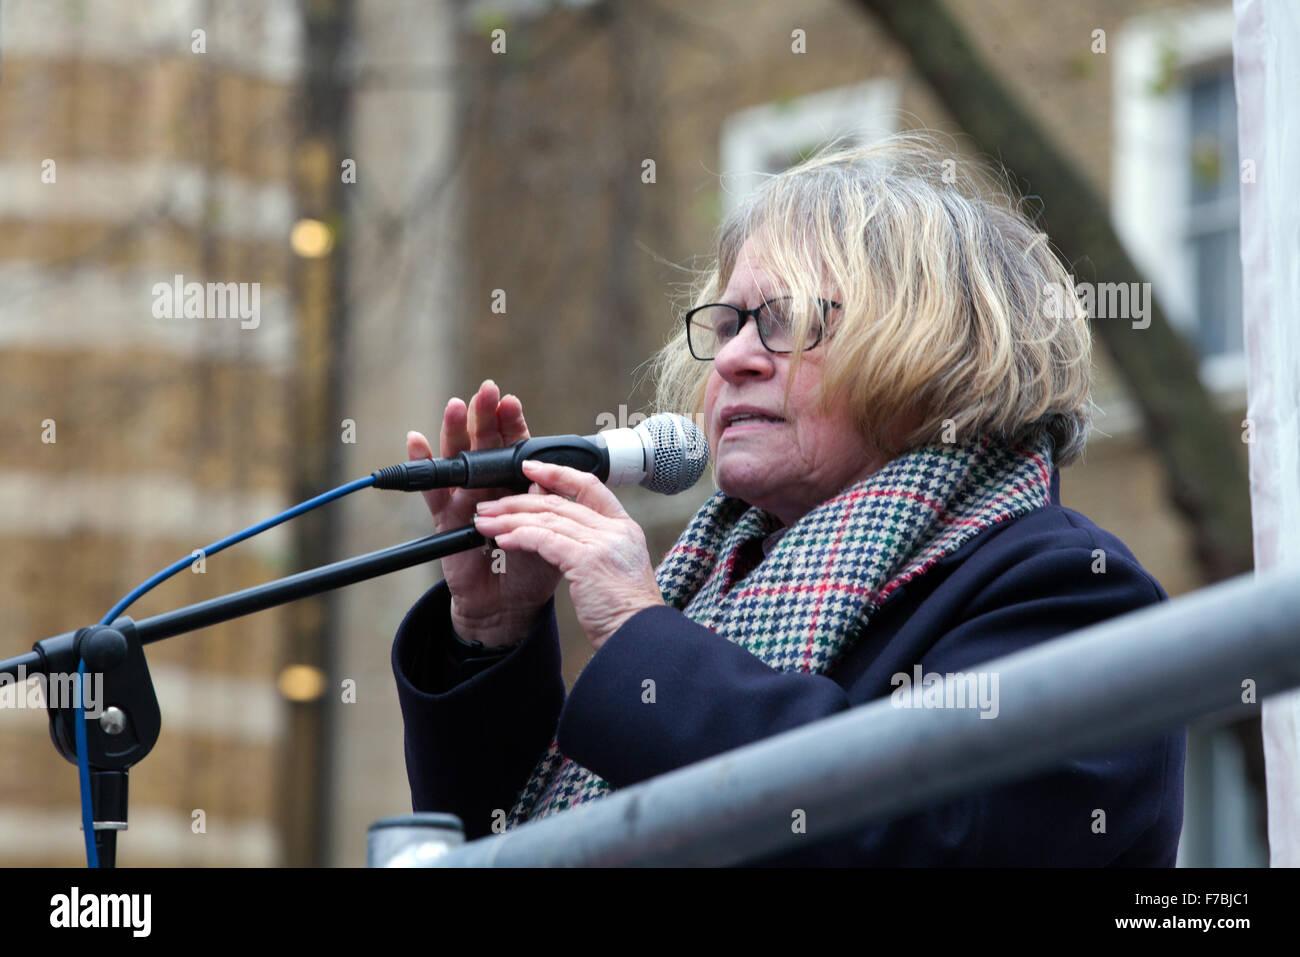 Londres, Royaume-Uni. 28 novembre, 2015. Lindsey German, coordonnateur de la Coalition contre la guerre, aborde Photo Stock